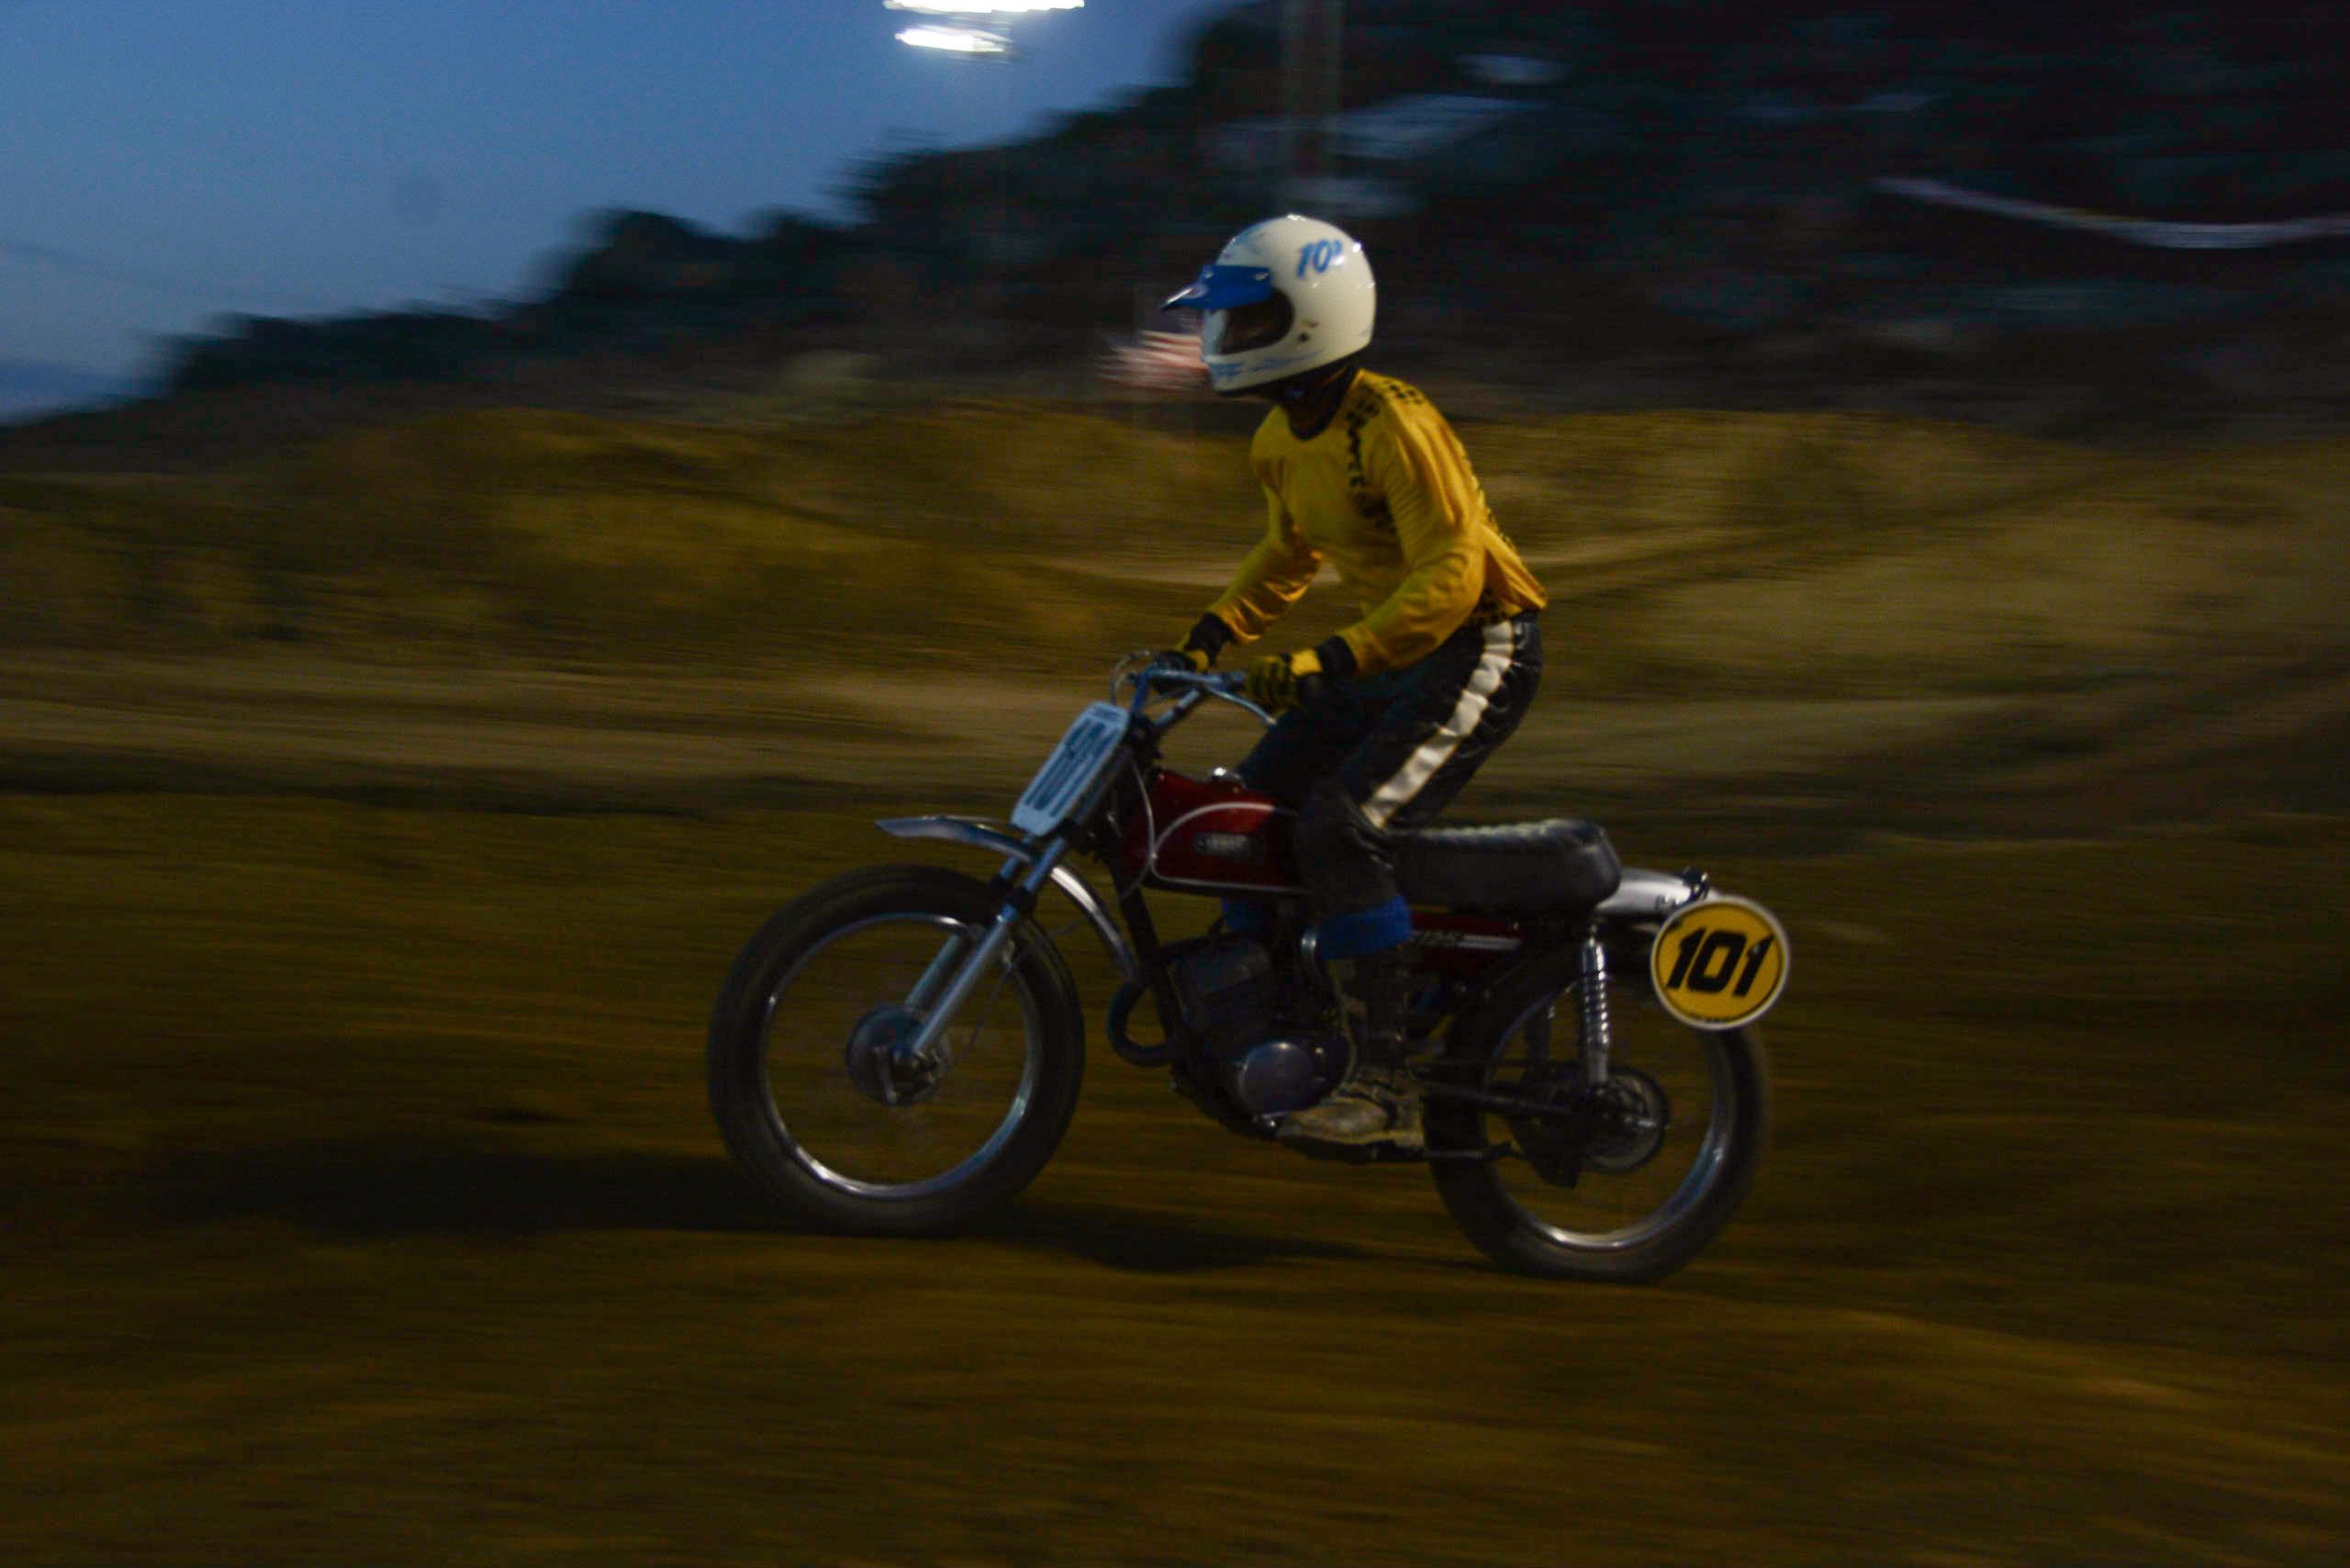 CALVMX Evening Perris Apr 2015-340.jpg